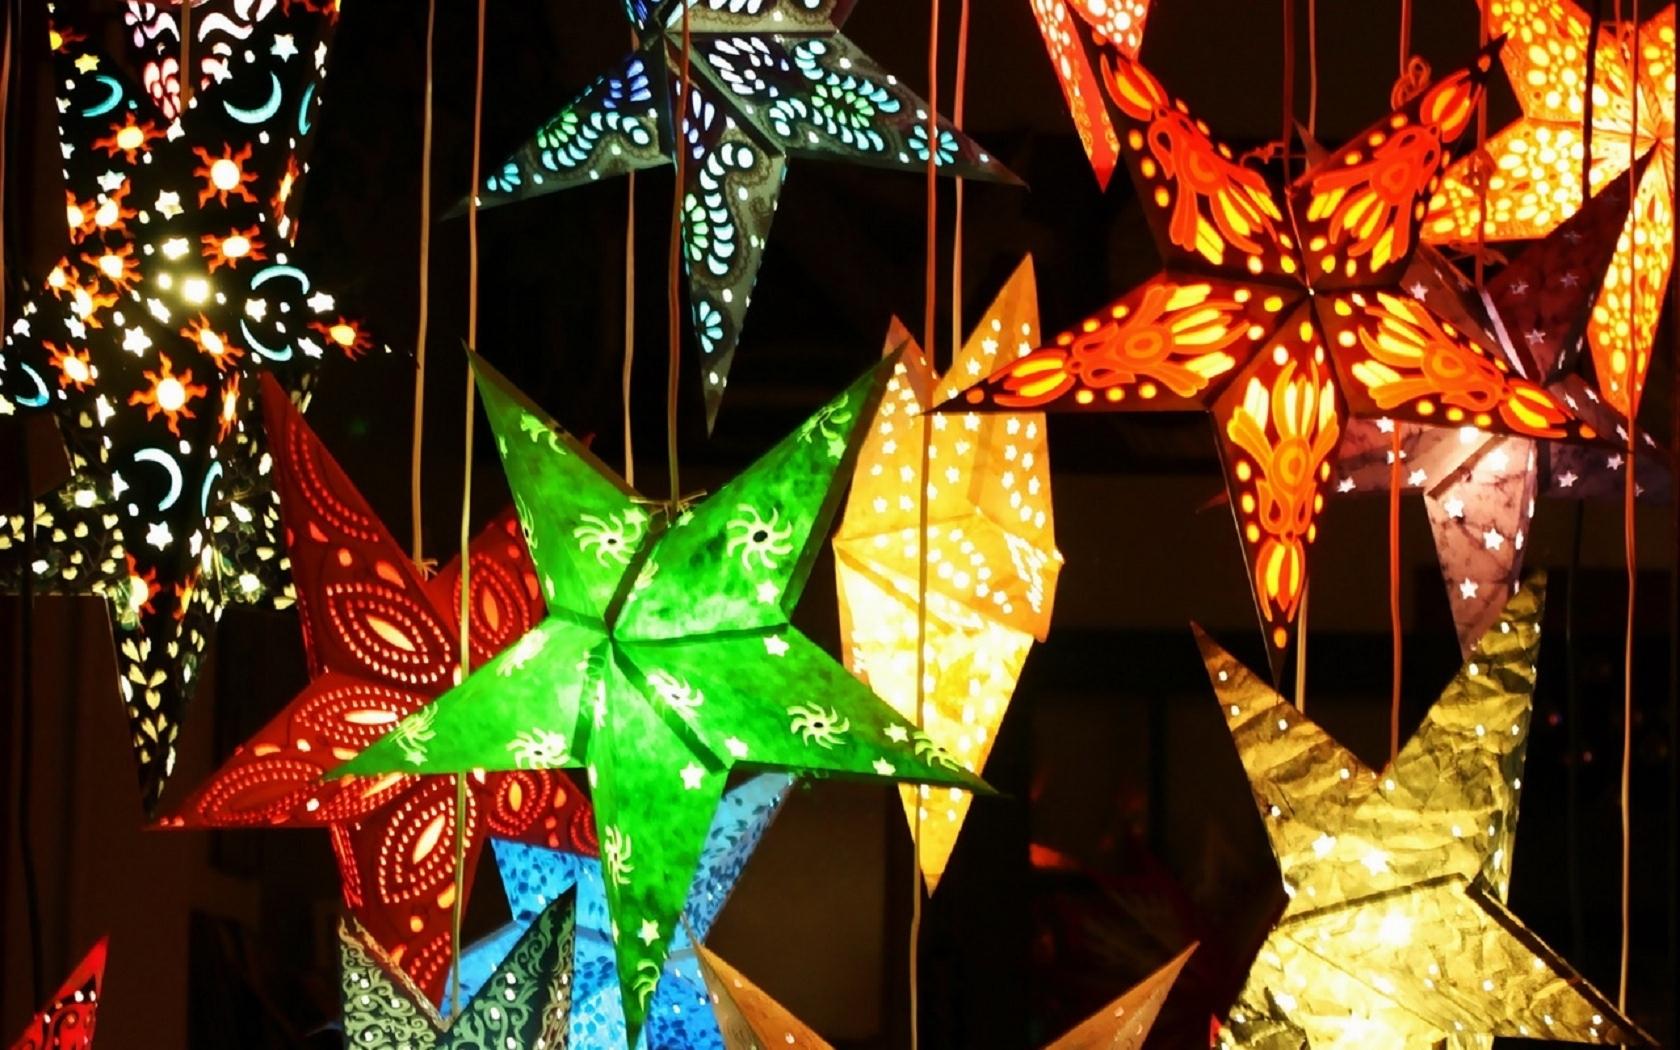 https://i1.wp.com/images4.fanpop.com/image/photos/16700000/Christmas-Time-christmas-16778436-1680-1050.jpg